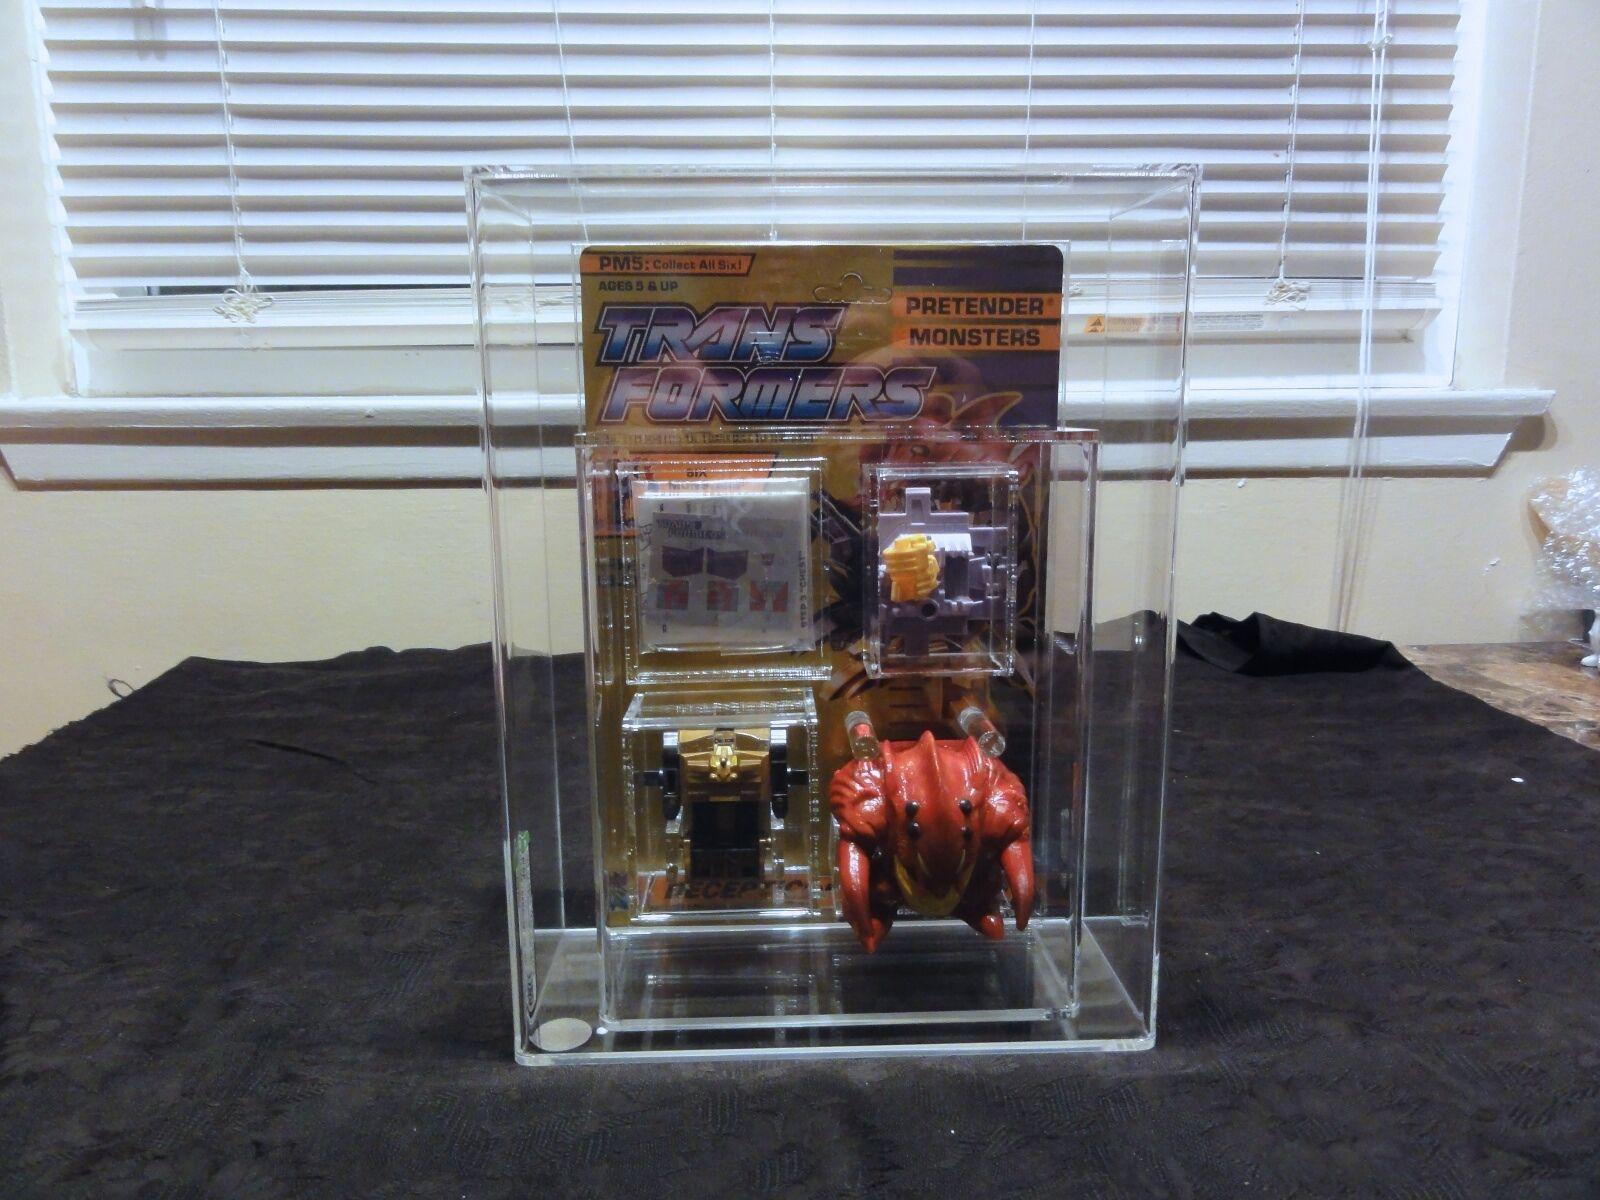 1989 Monstructor Transformers AFA  Pretenders Slog Loose MIB scatola MOC  per il tuo stile di gioco ai prezzi più bassi